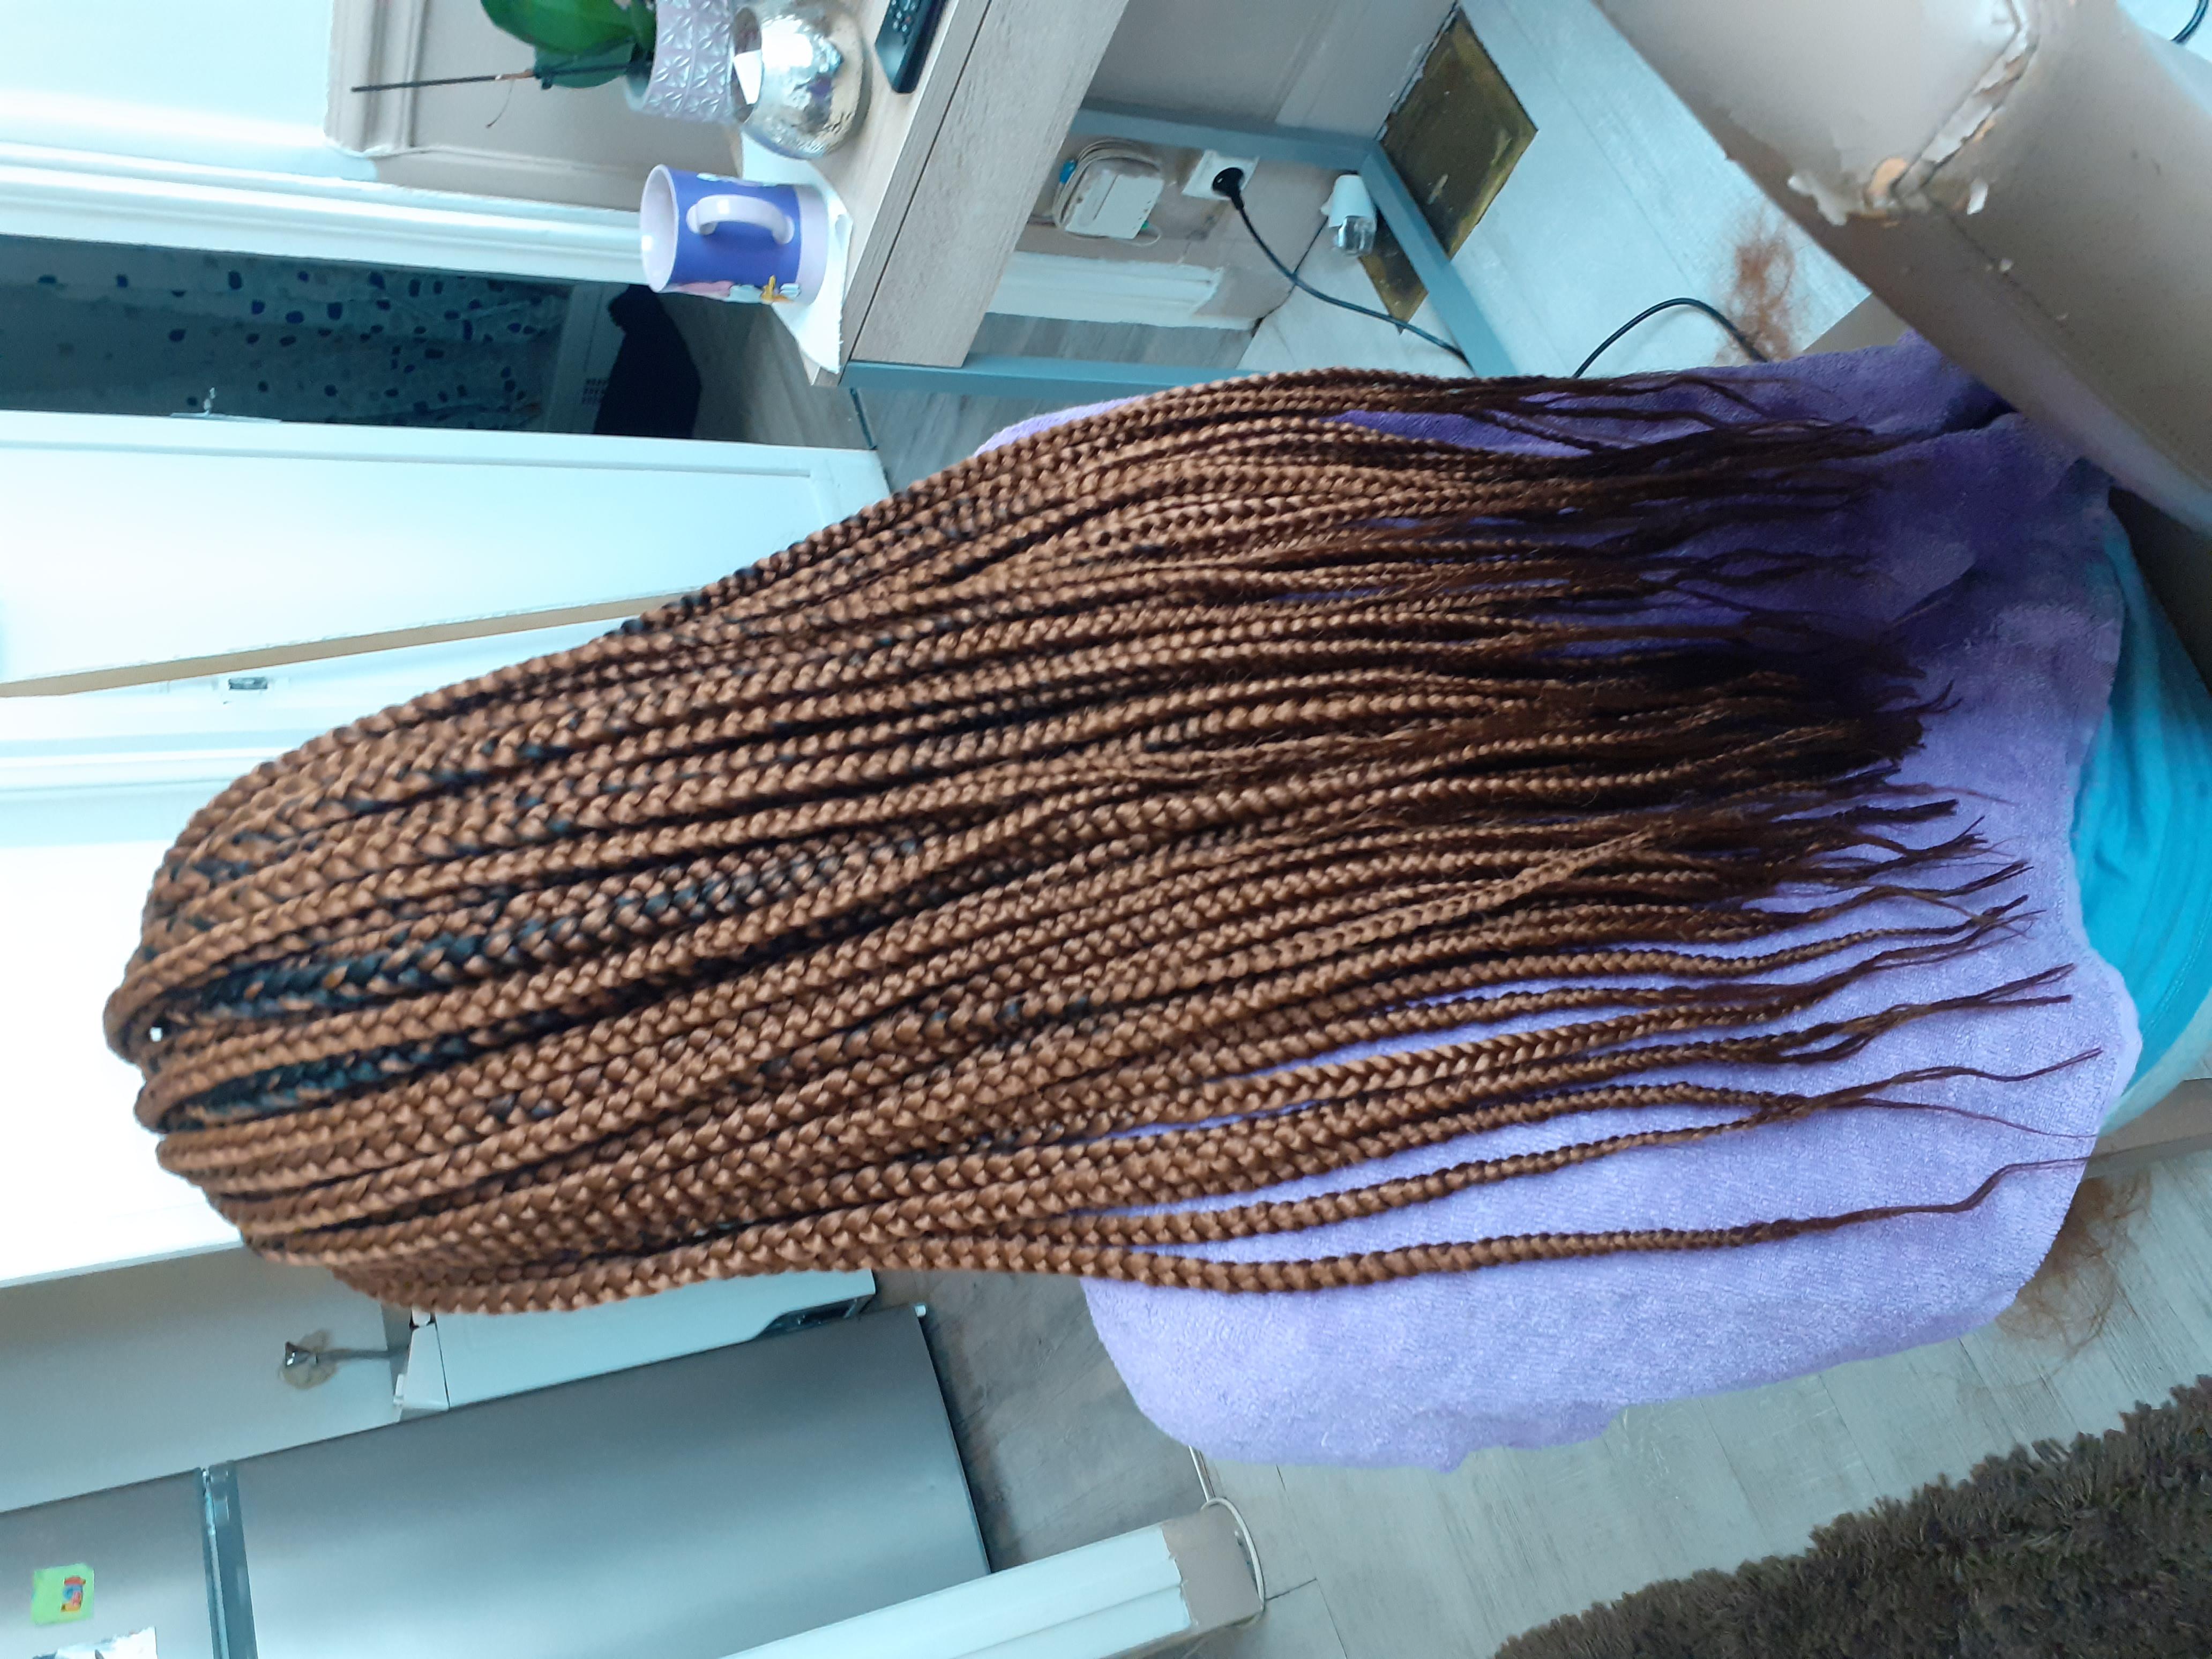 salon de coiffure afro tresse tresses box braids crochet braids vanilles tissages paris 75 77 78 91 92 93 94 95 YTRDEPZI